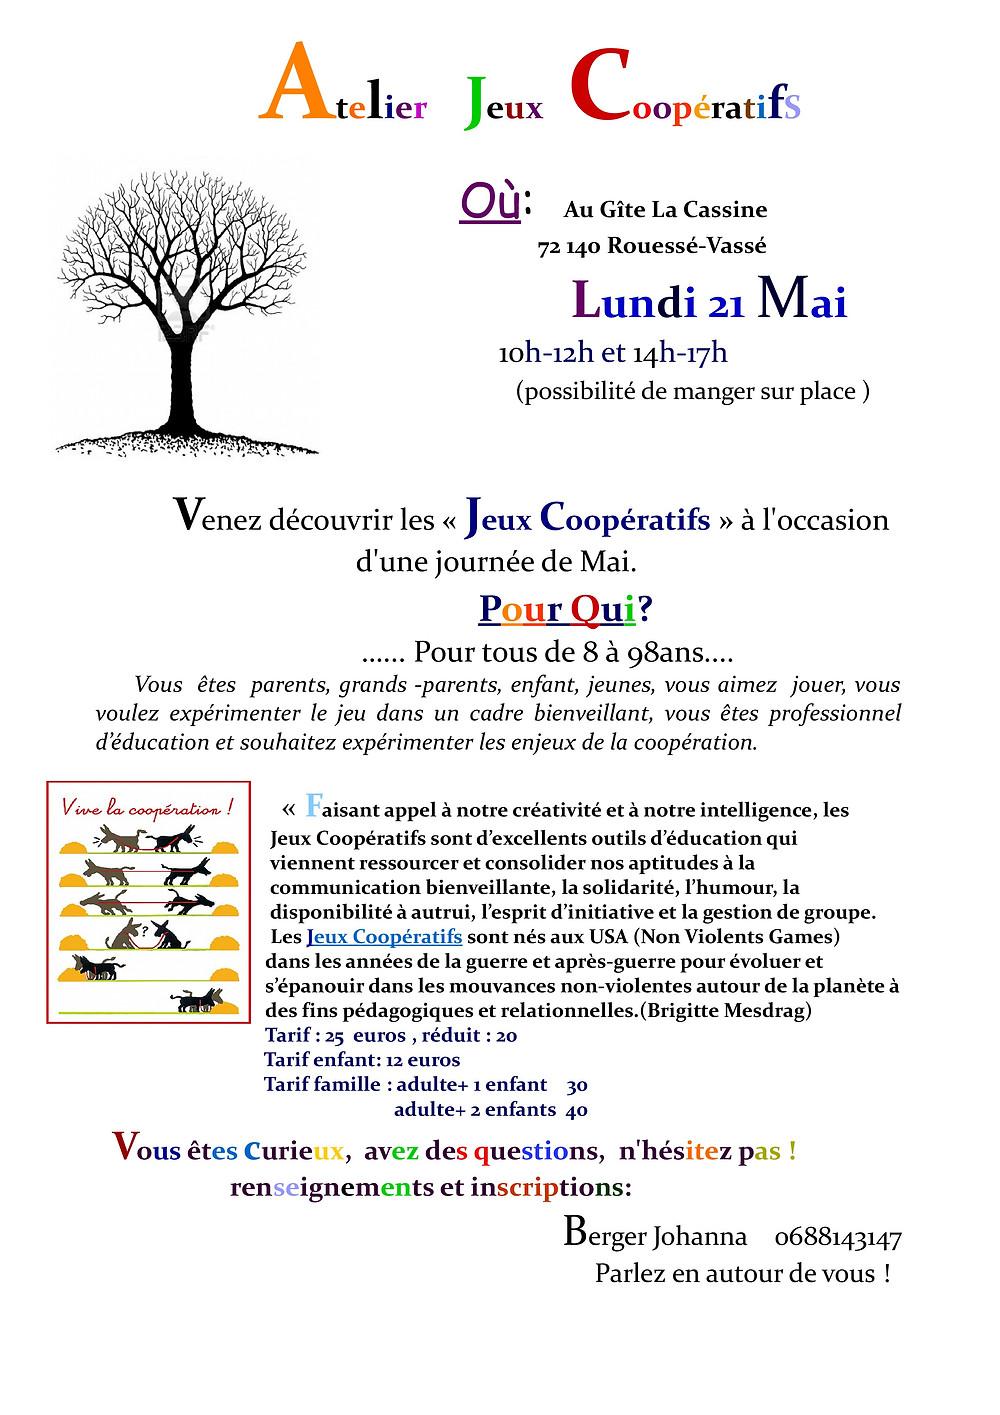 Organisation d'une journée atelier jeux coopératifs, le lundi 21 Mai